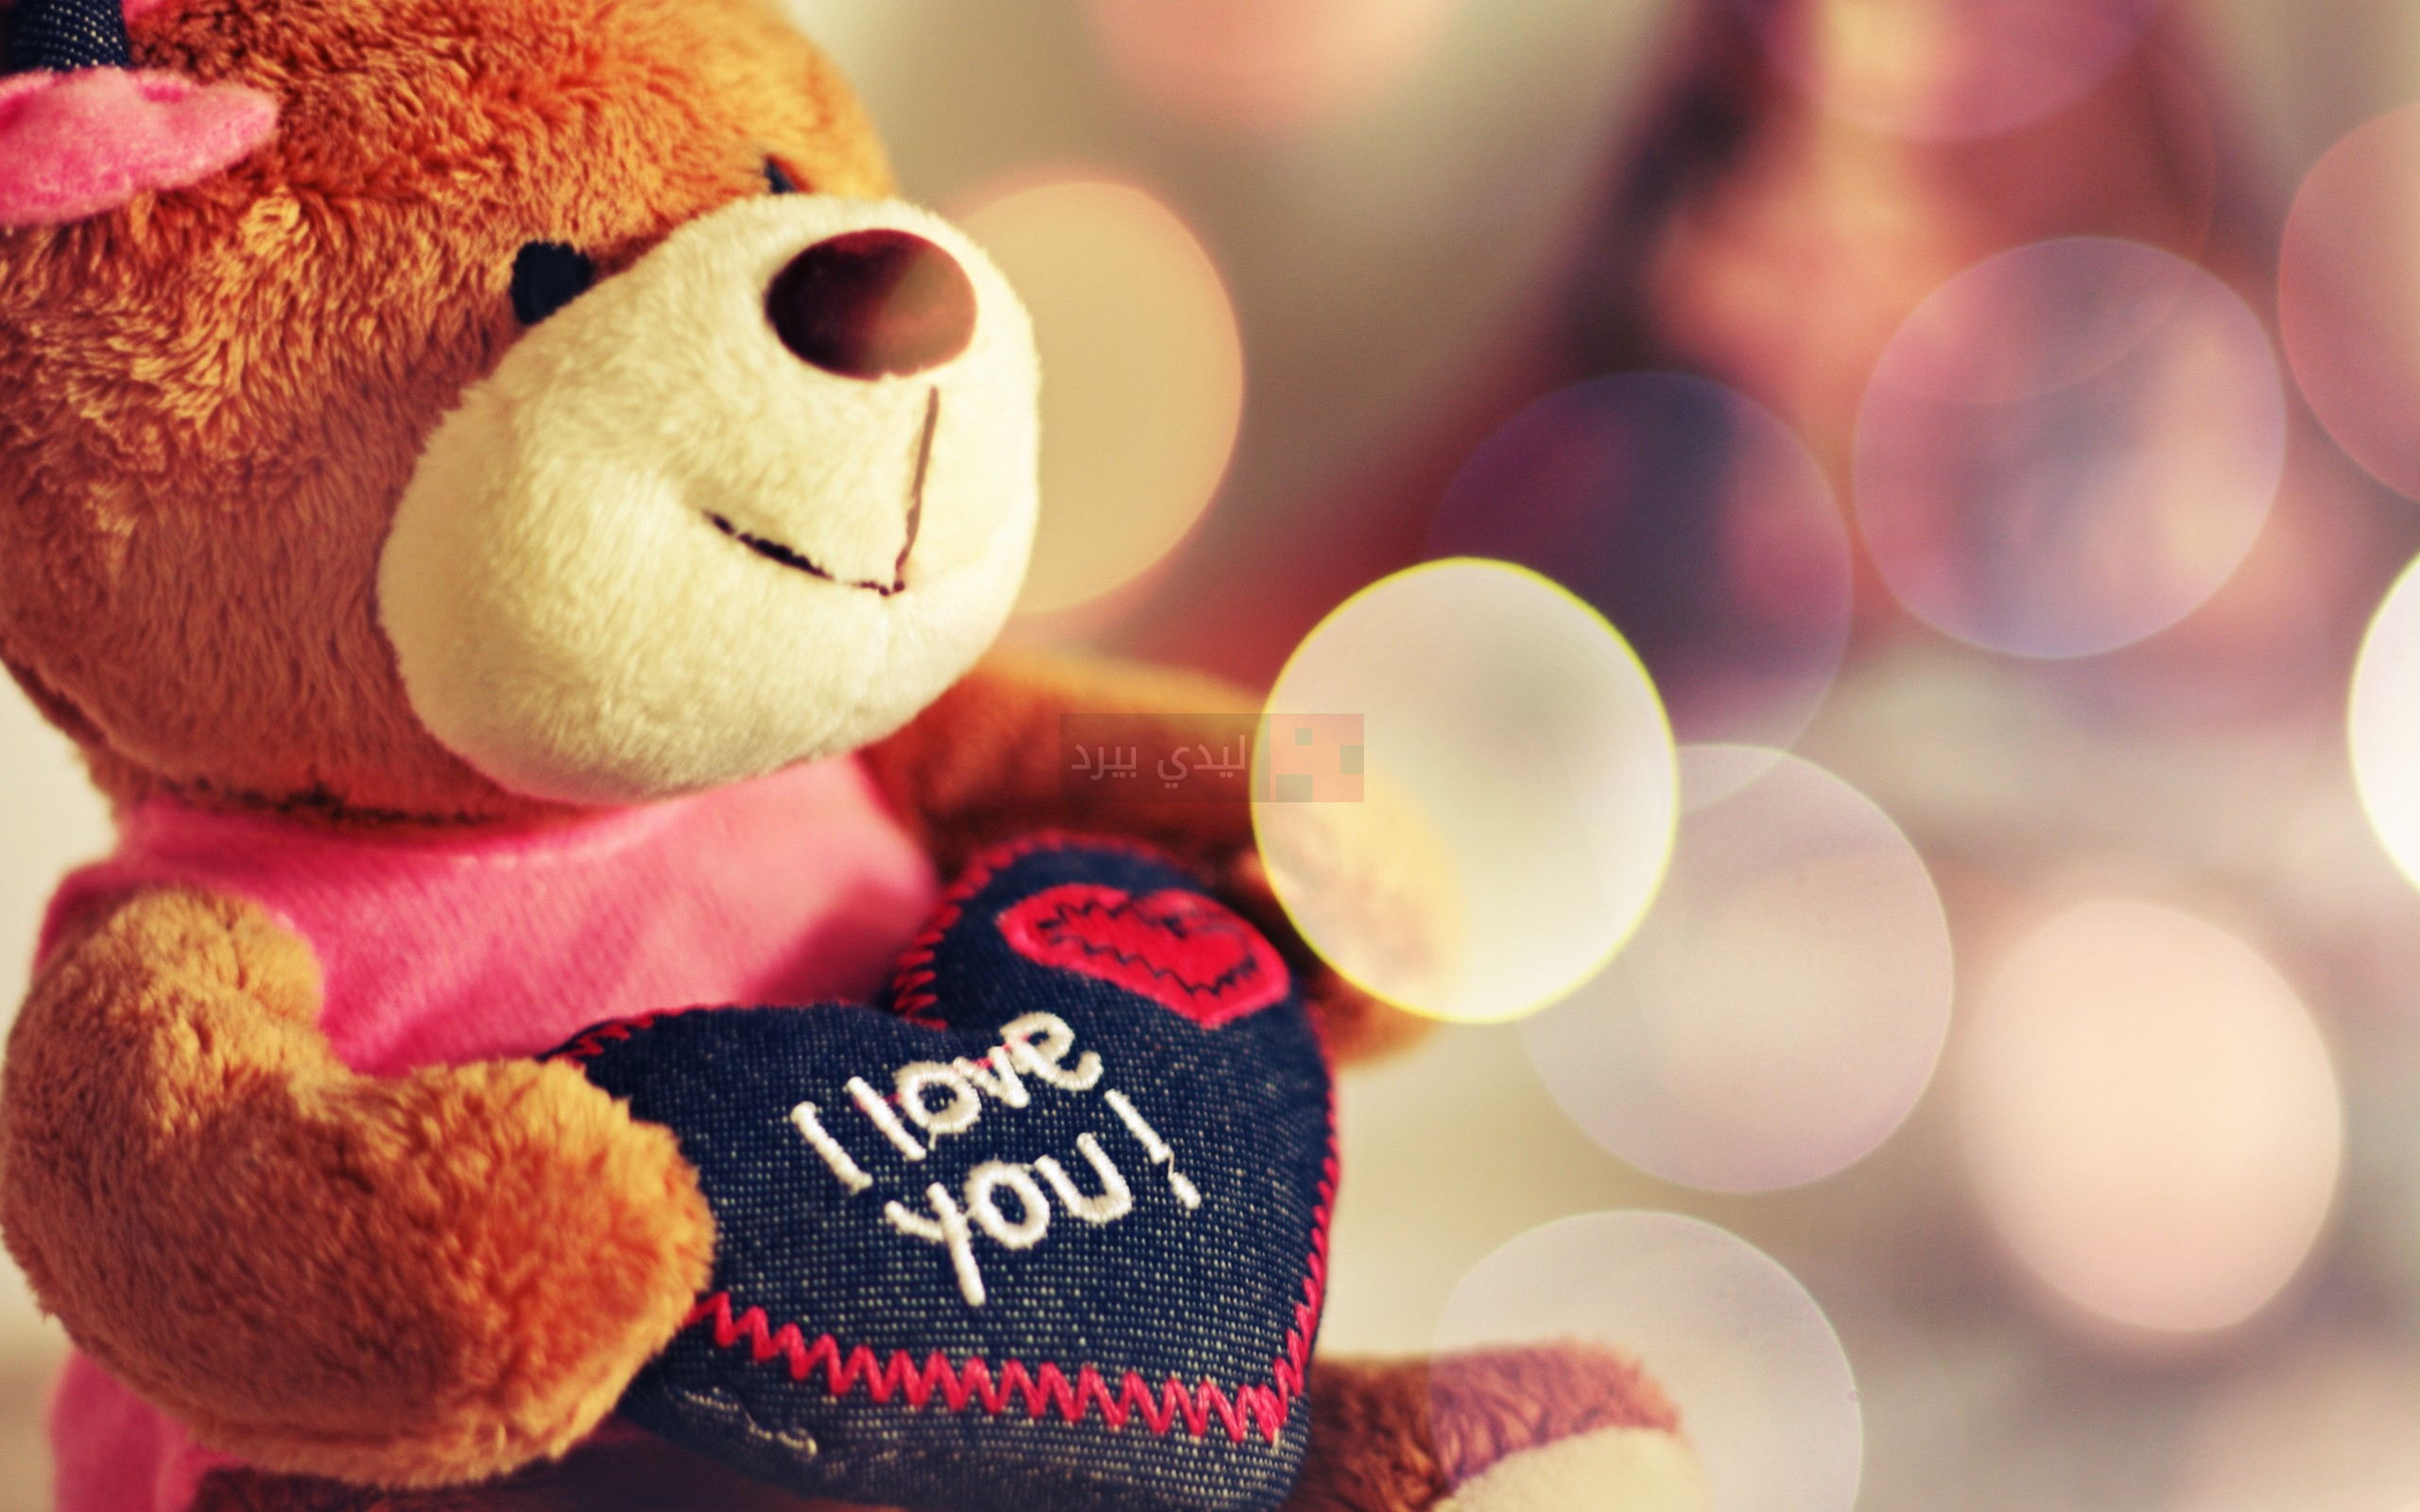 صباح الخير حبيبتي رسائل صباحية لأعز انسانة ع قلبي